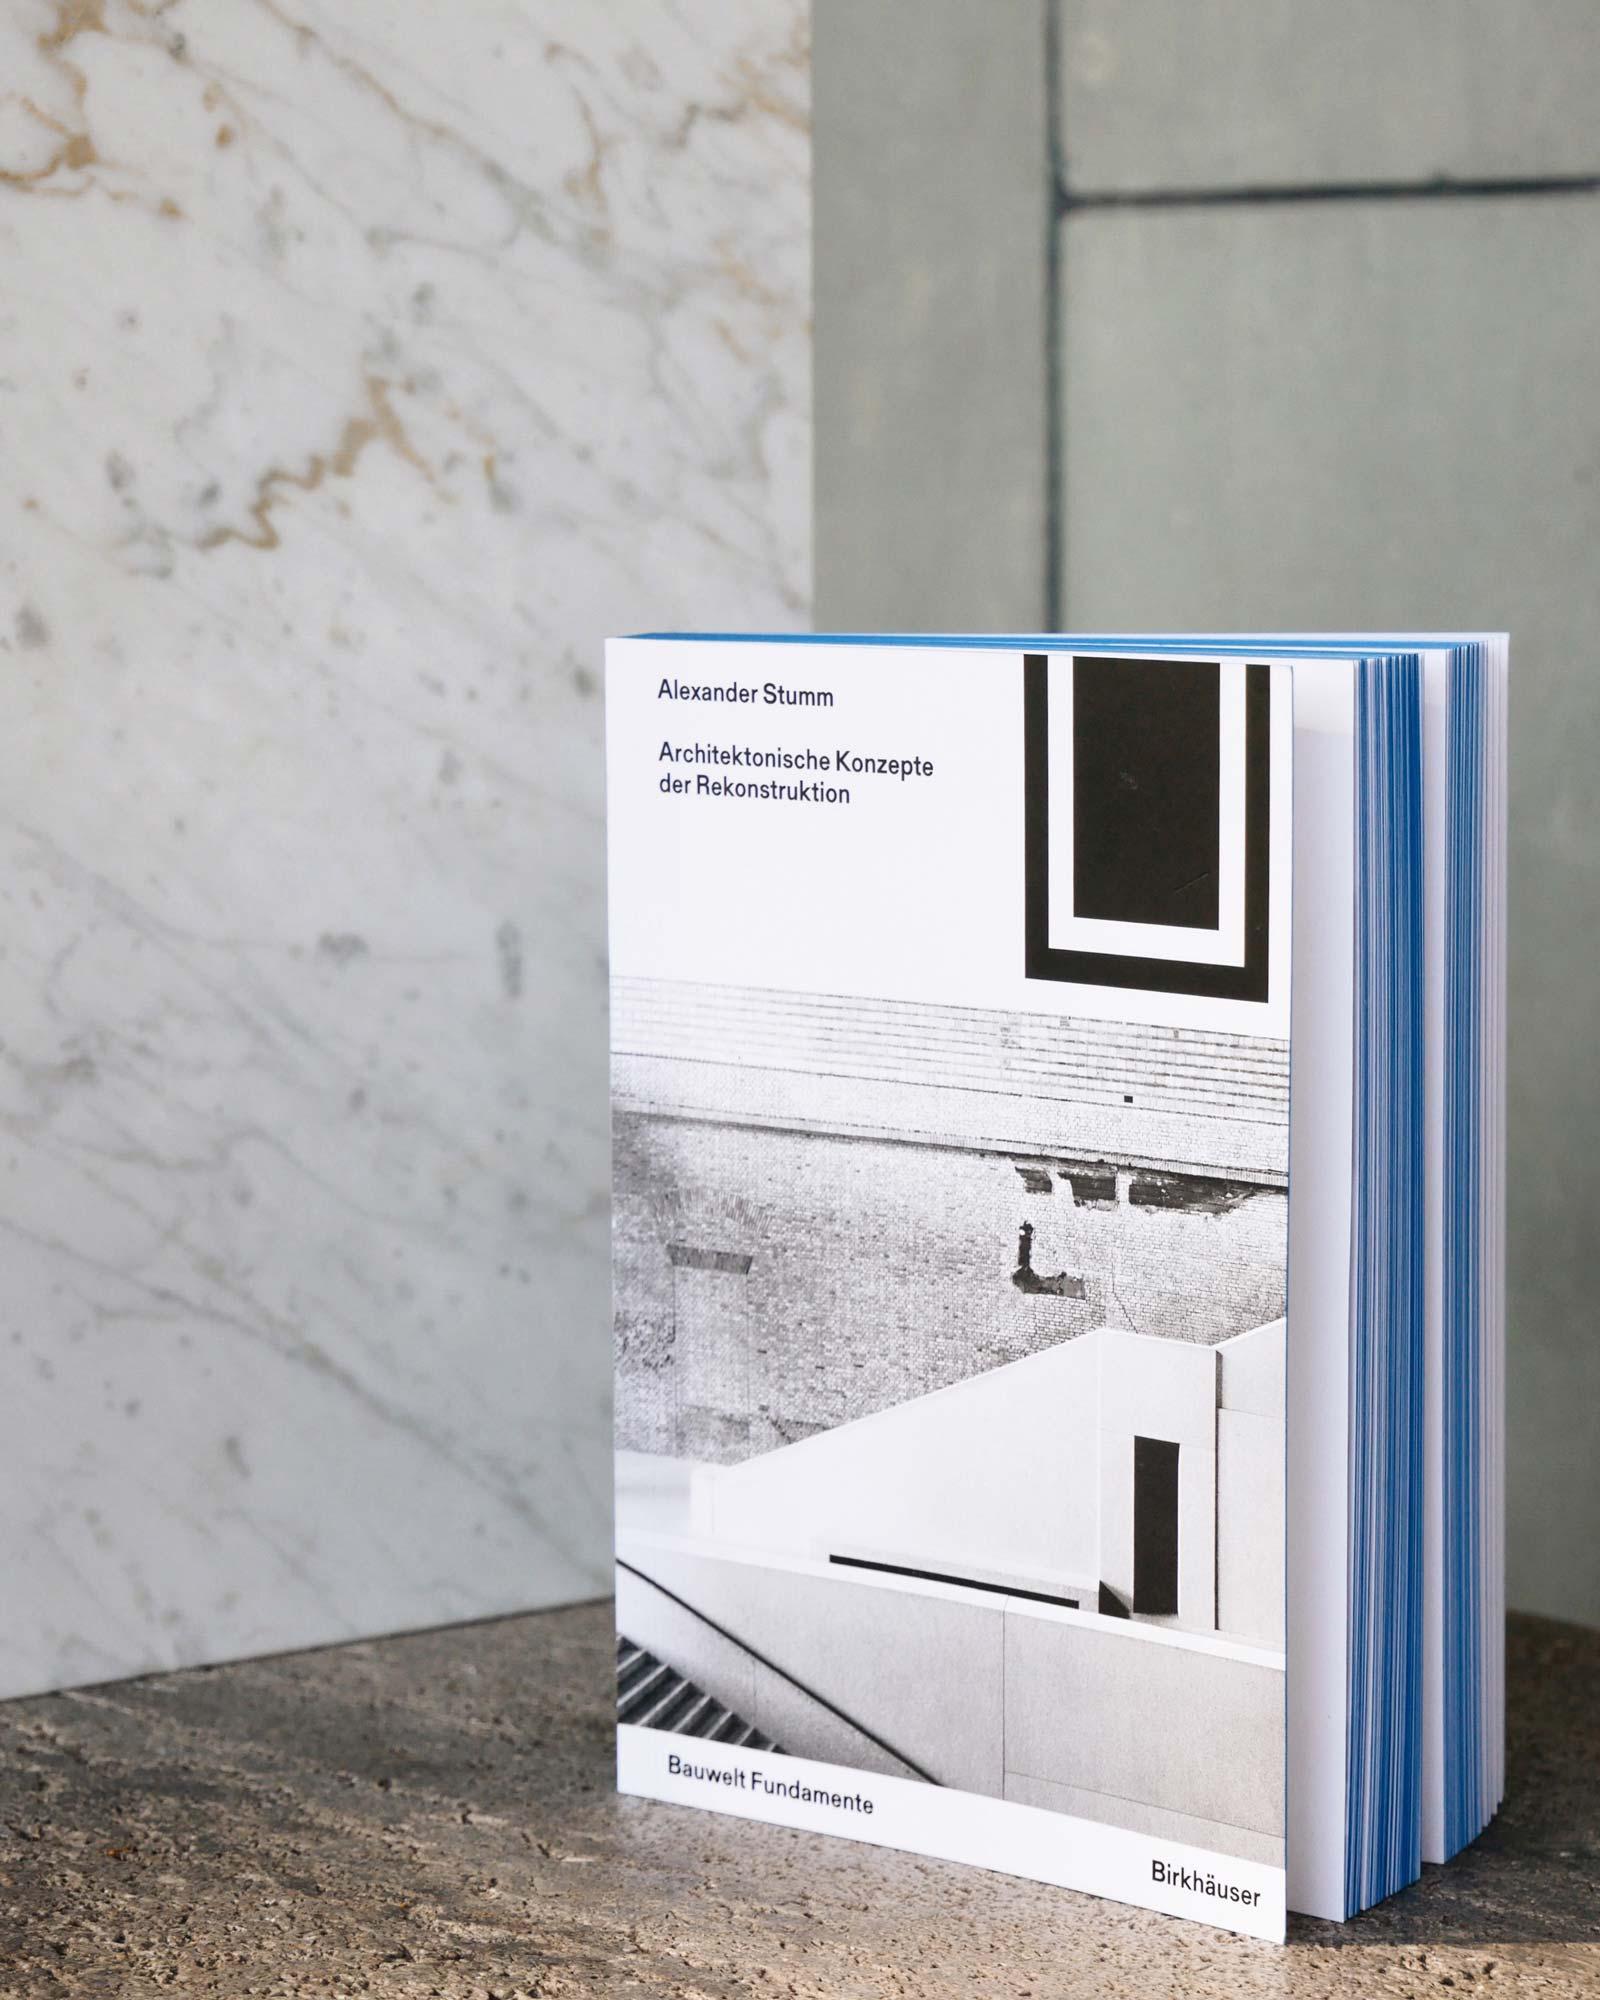 Architektonische Konzepte der Rekonstruktion Alexander Stumm Bauwelt Fundamente